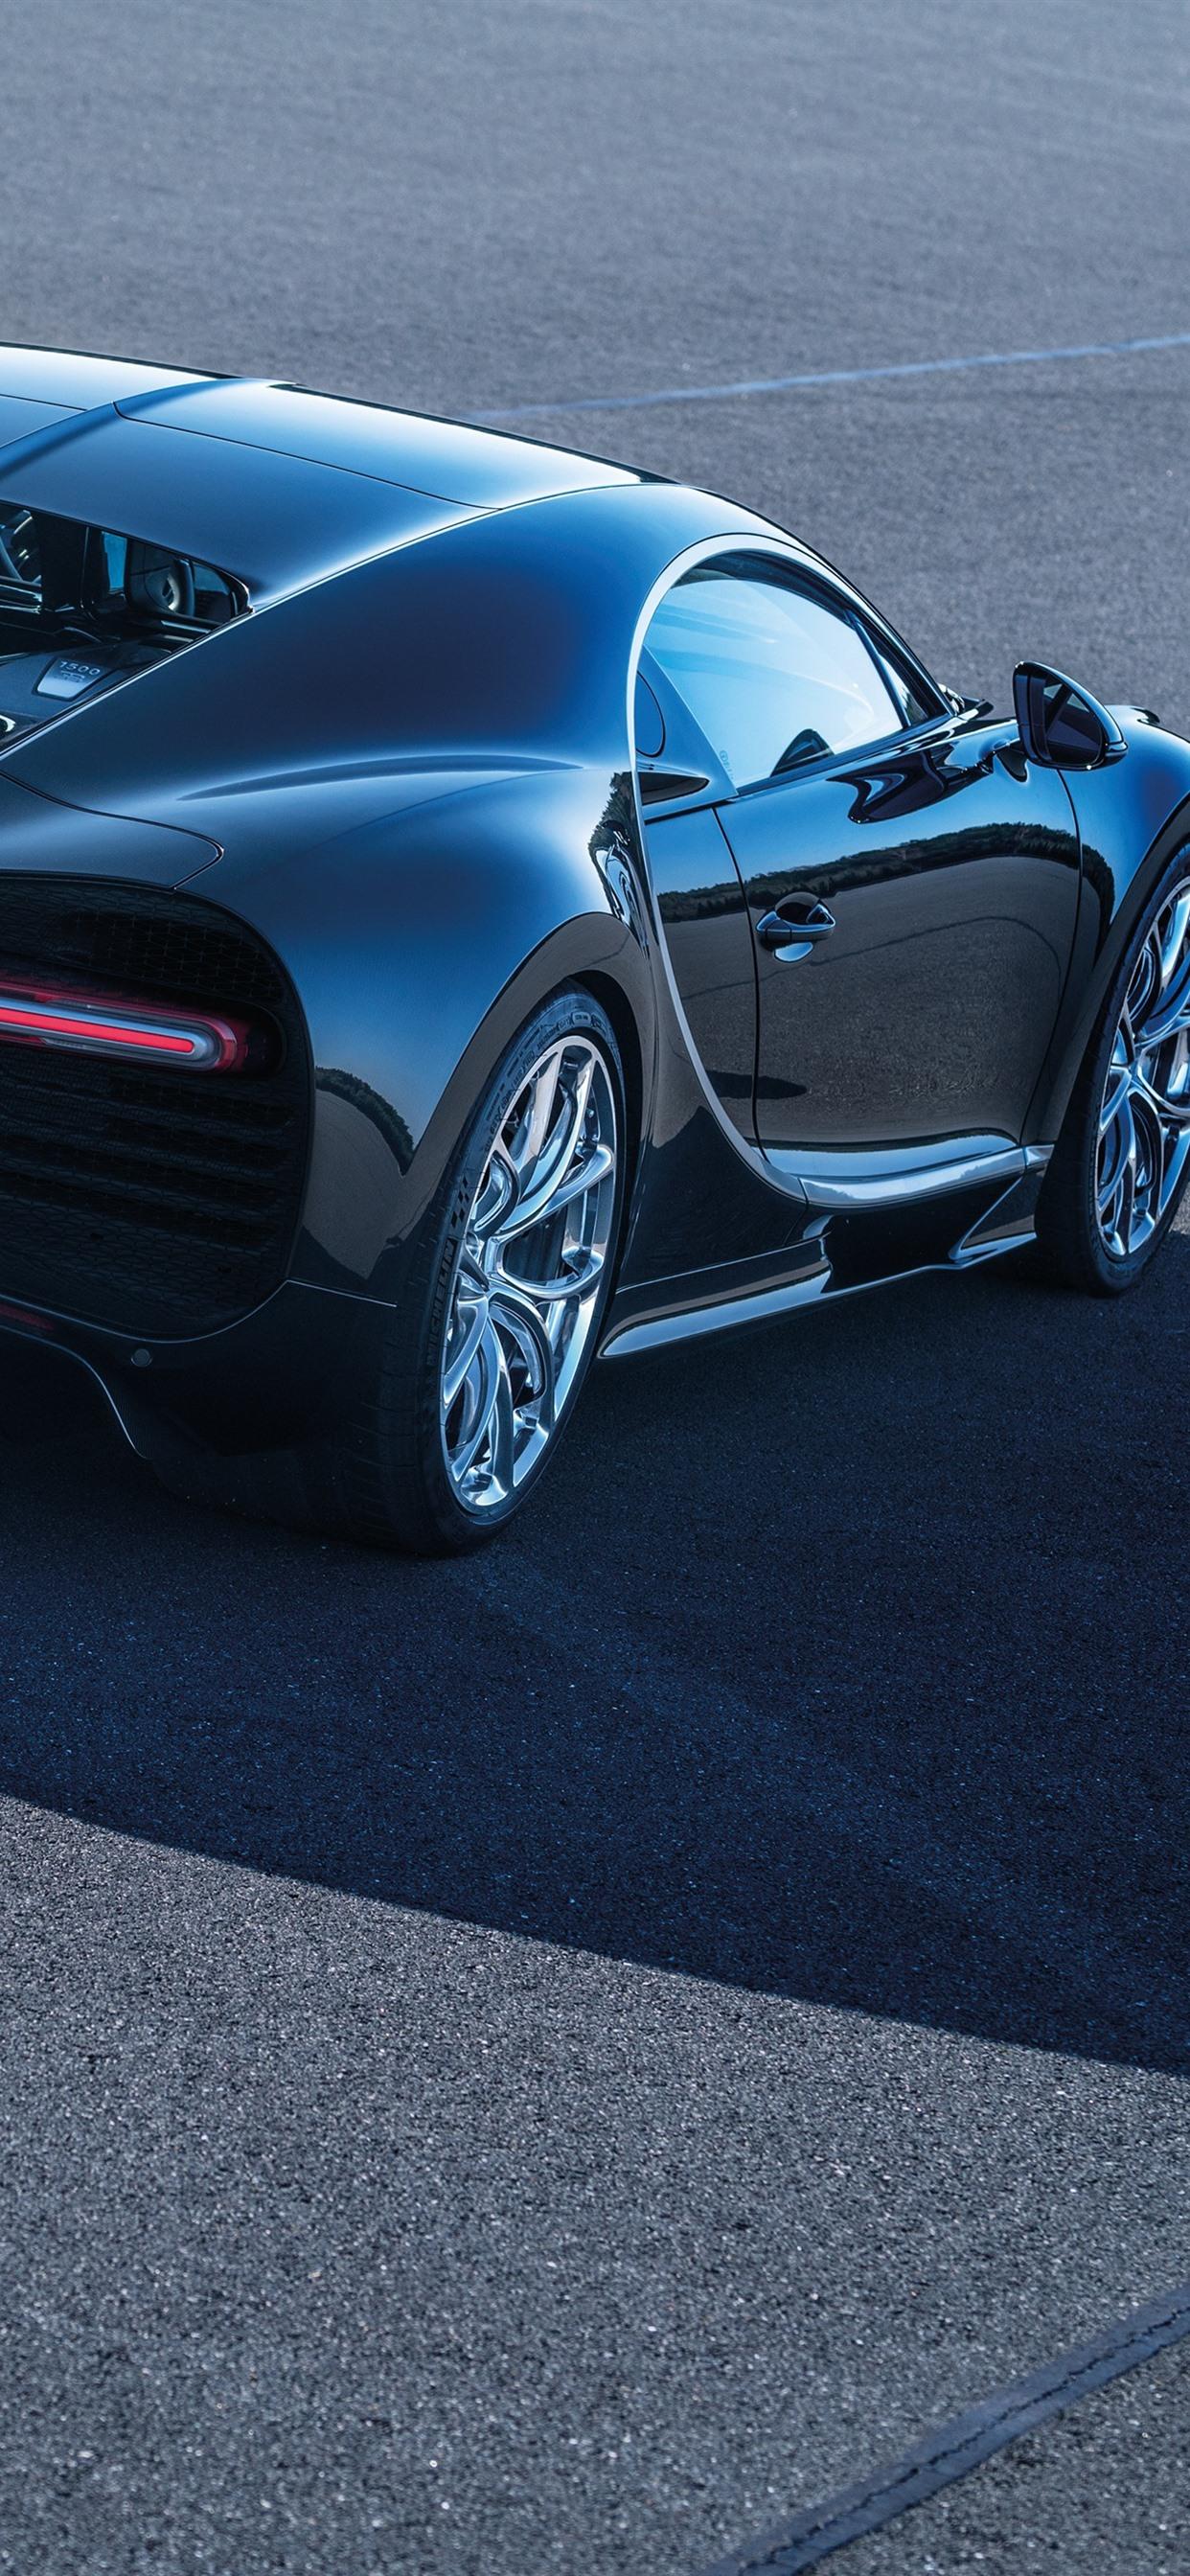 Iphone Wallpaper Bugatti Chiron Black Supercar Rear Bugatti Chiron Topsnelheid 1242x2688 Wallpaper Teahub Io